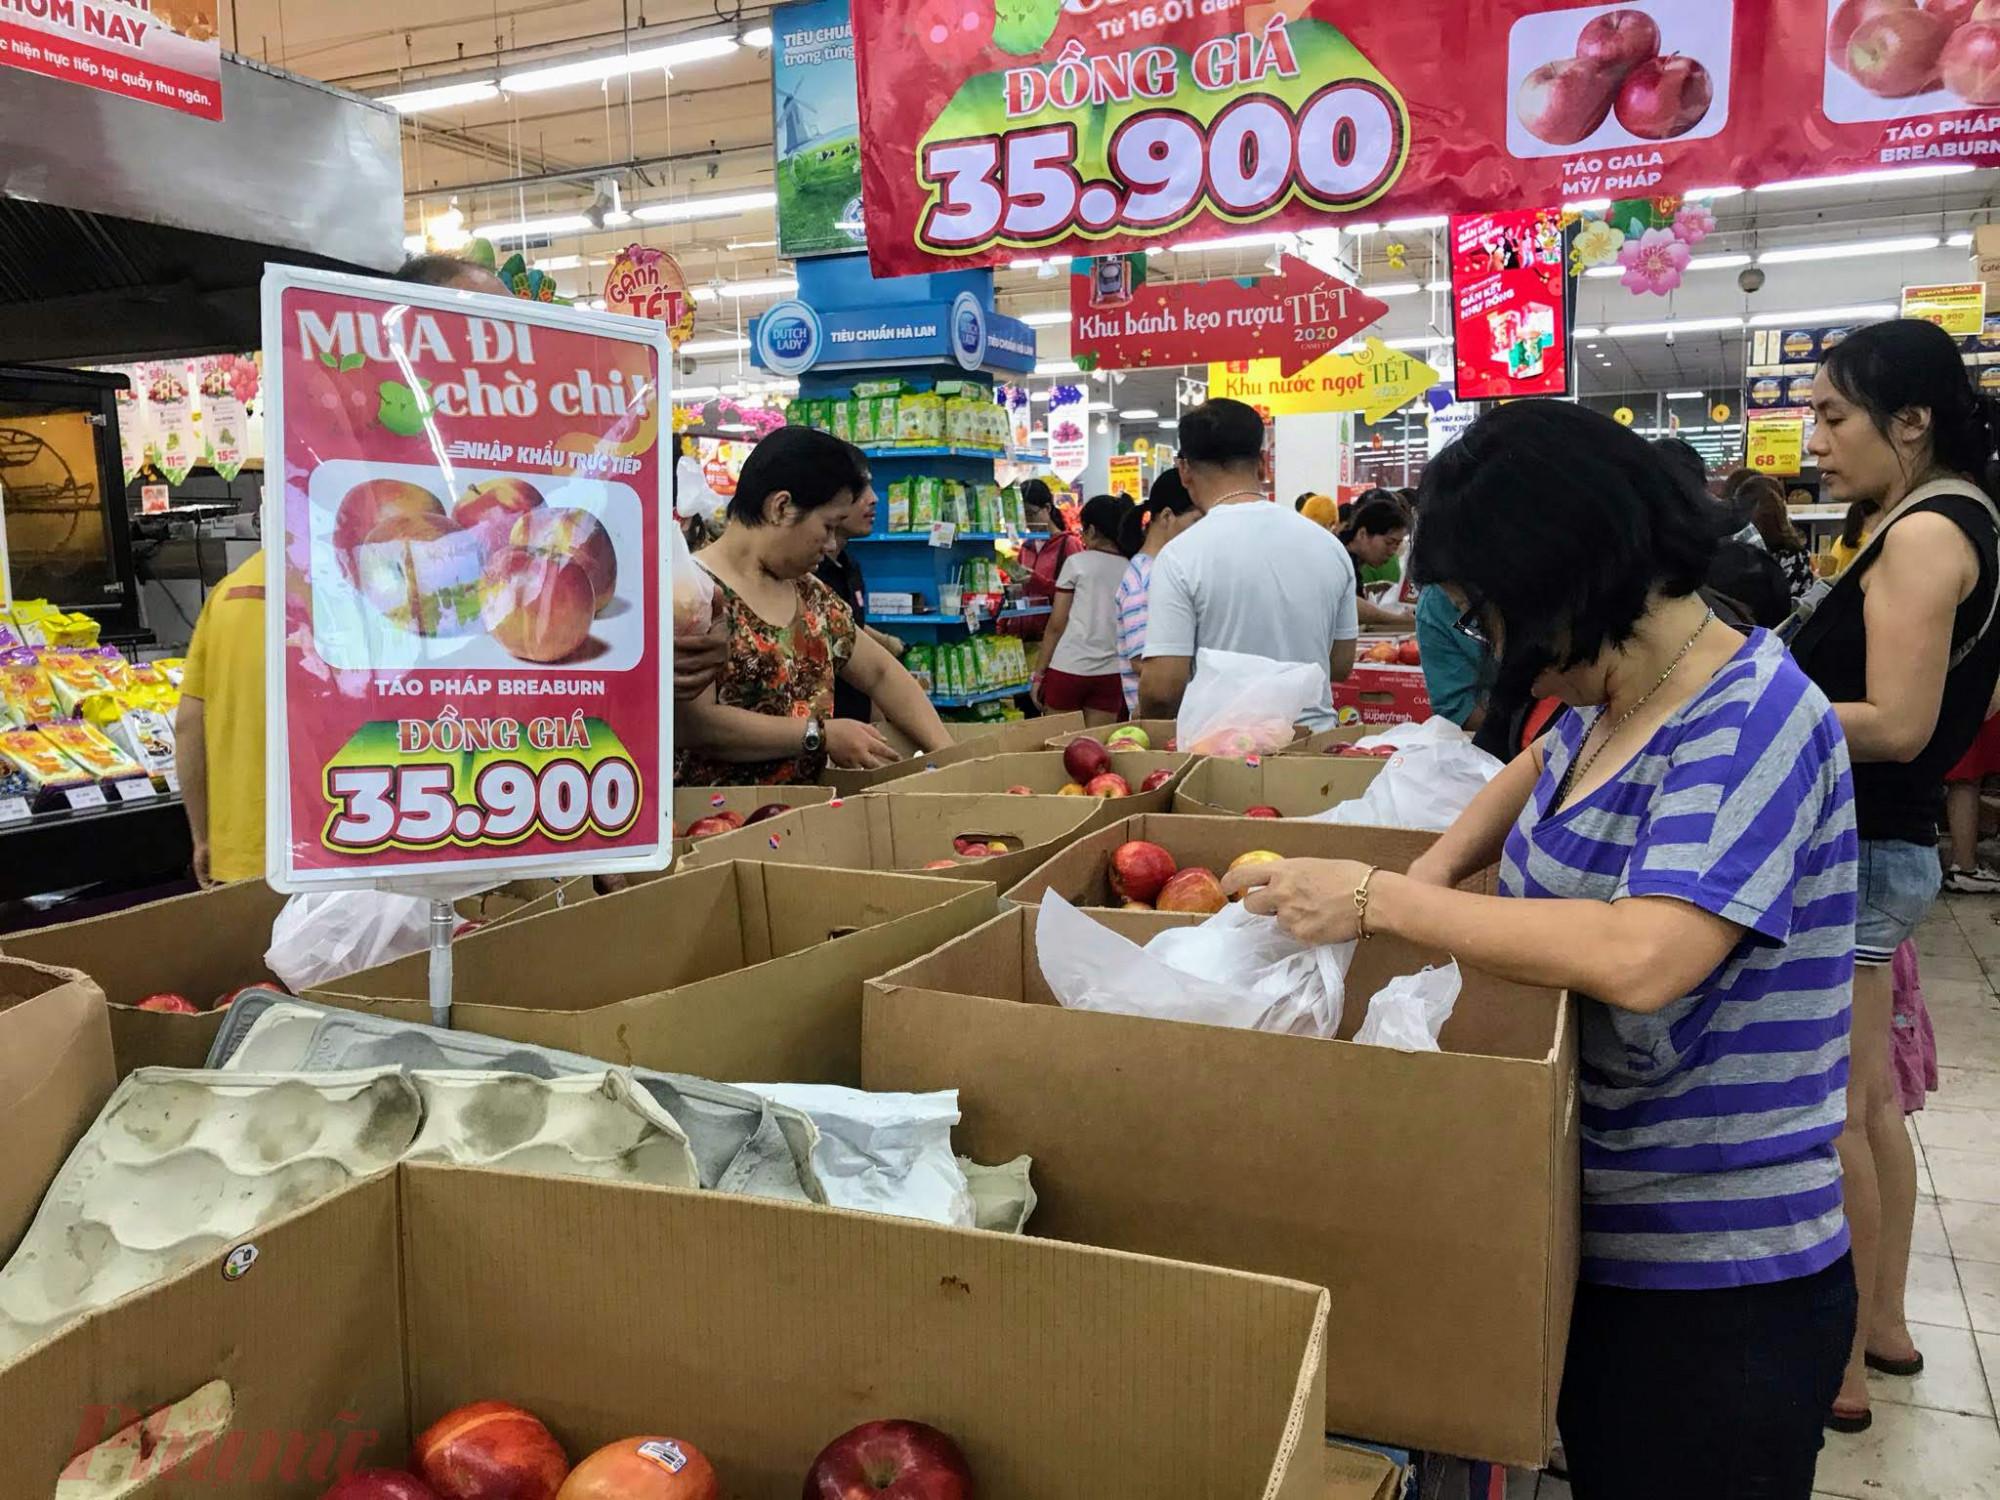 Còn tại Big C Gò Vấp, đêm 28 Tết ghi nhận cũng khá đông khách. Theo như thông báo của các siêu thị tại TPHCM, hầu như các siêu thị đều mở cửa đến 12h trưa ngày 30 Tết sau đó nghỉ đến mùng 2 Tết bắt đầu mở bán lại.